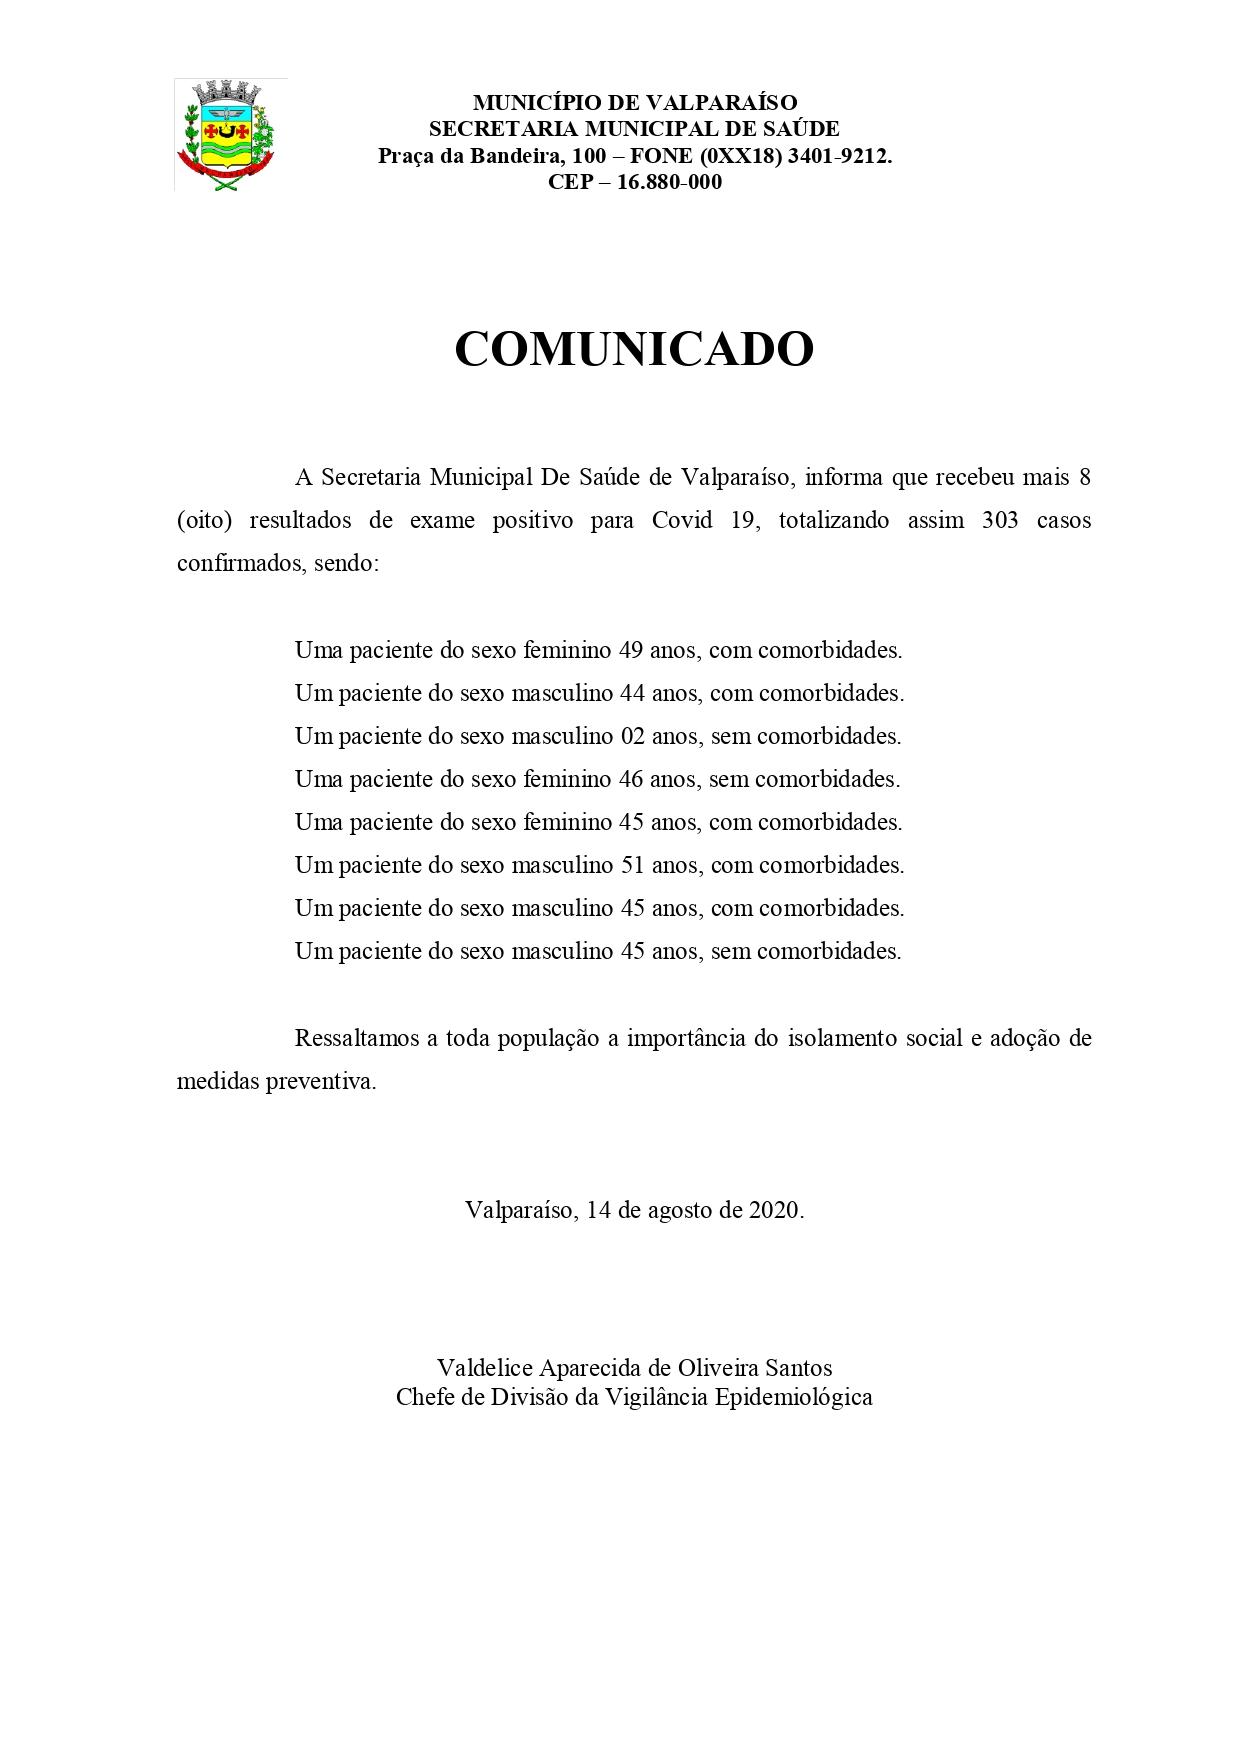 covid303